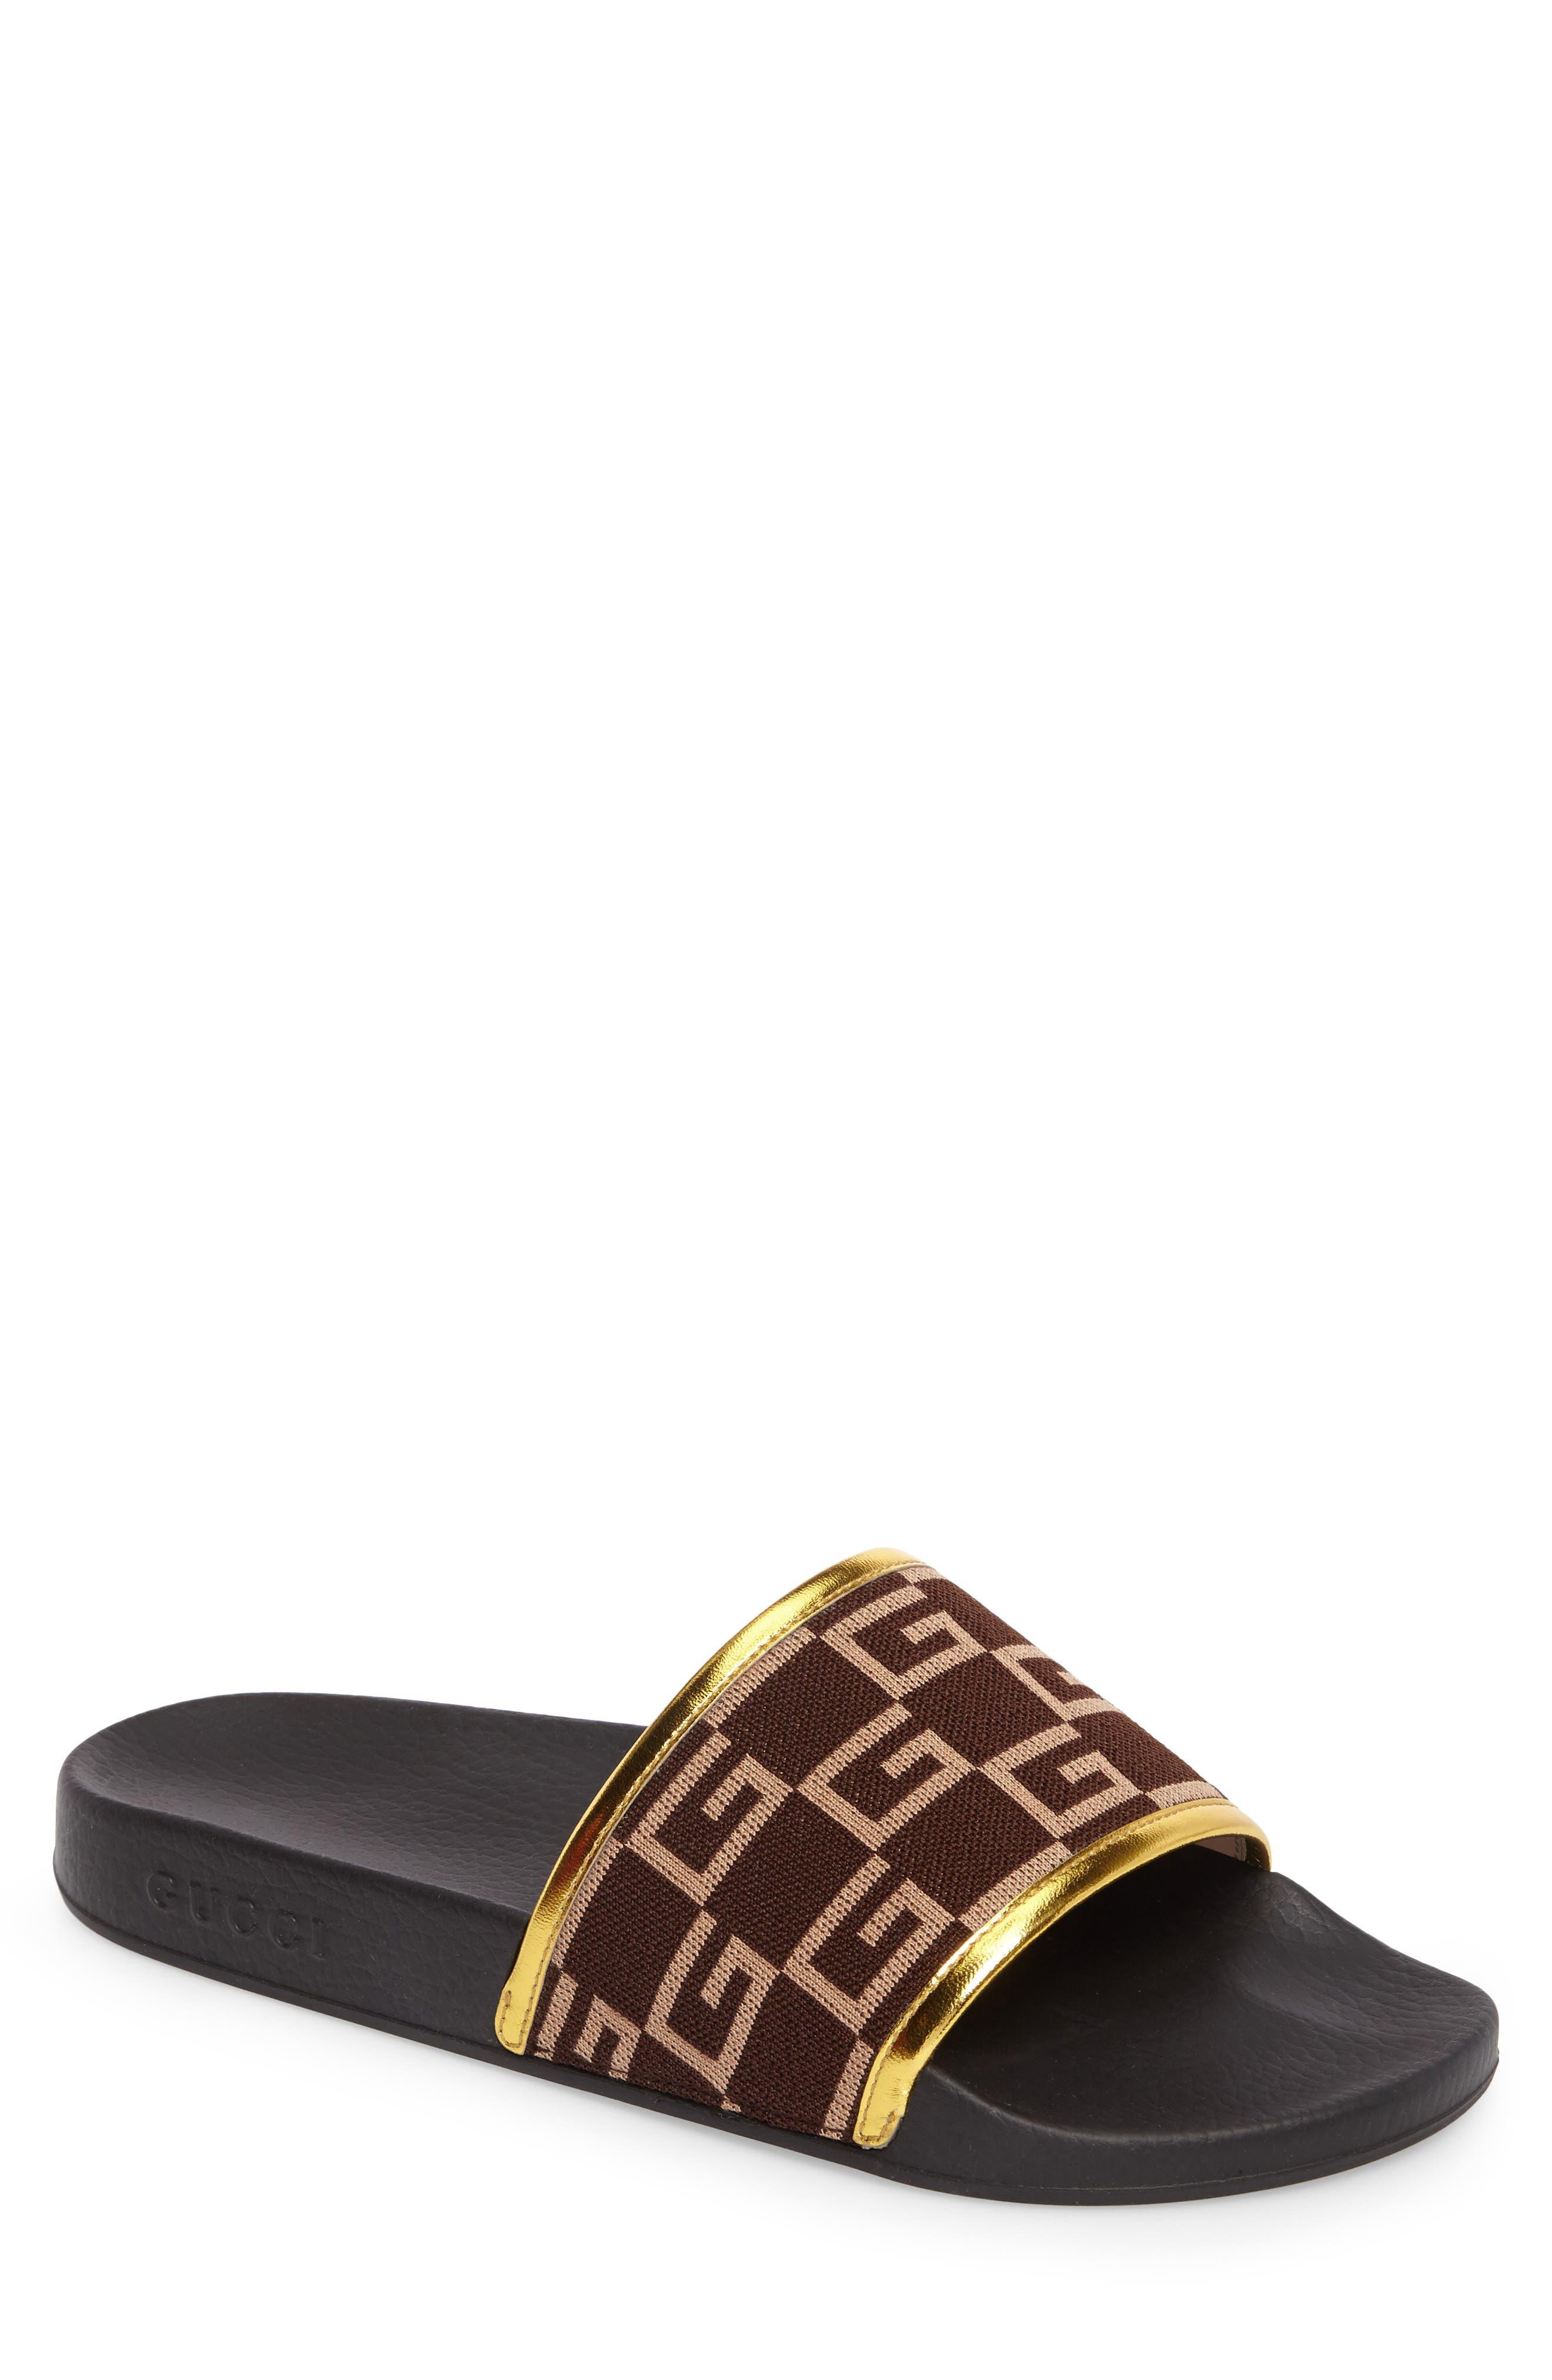 Pursuit Slide Sandal,                             Main thumbnail 1, color,                             Brown